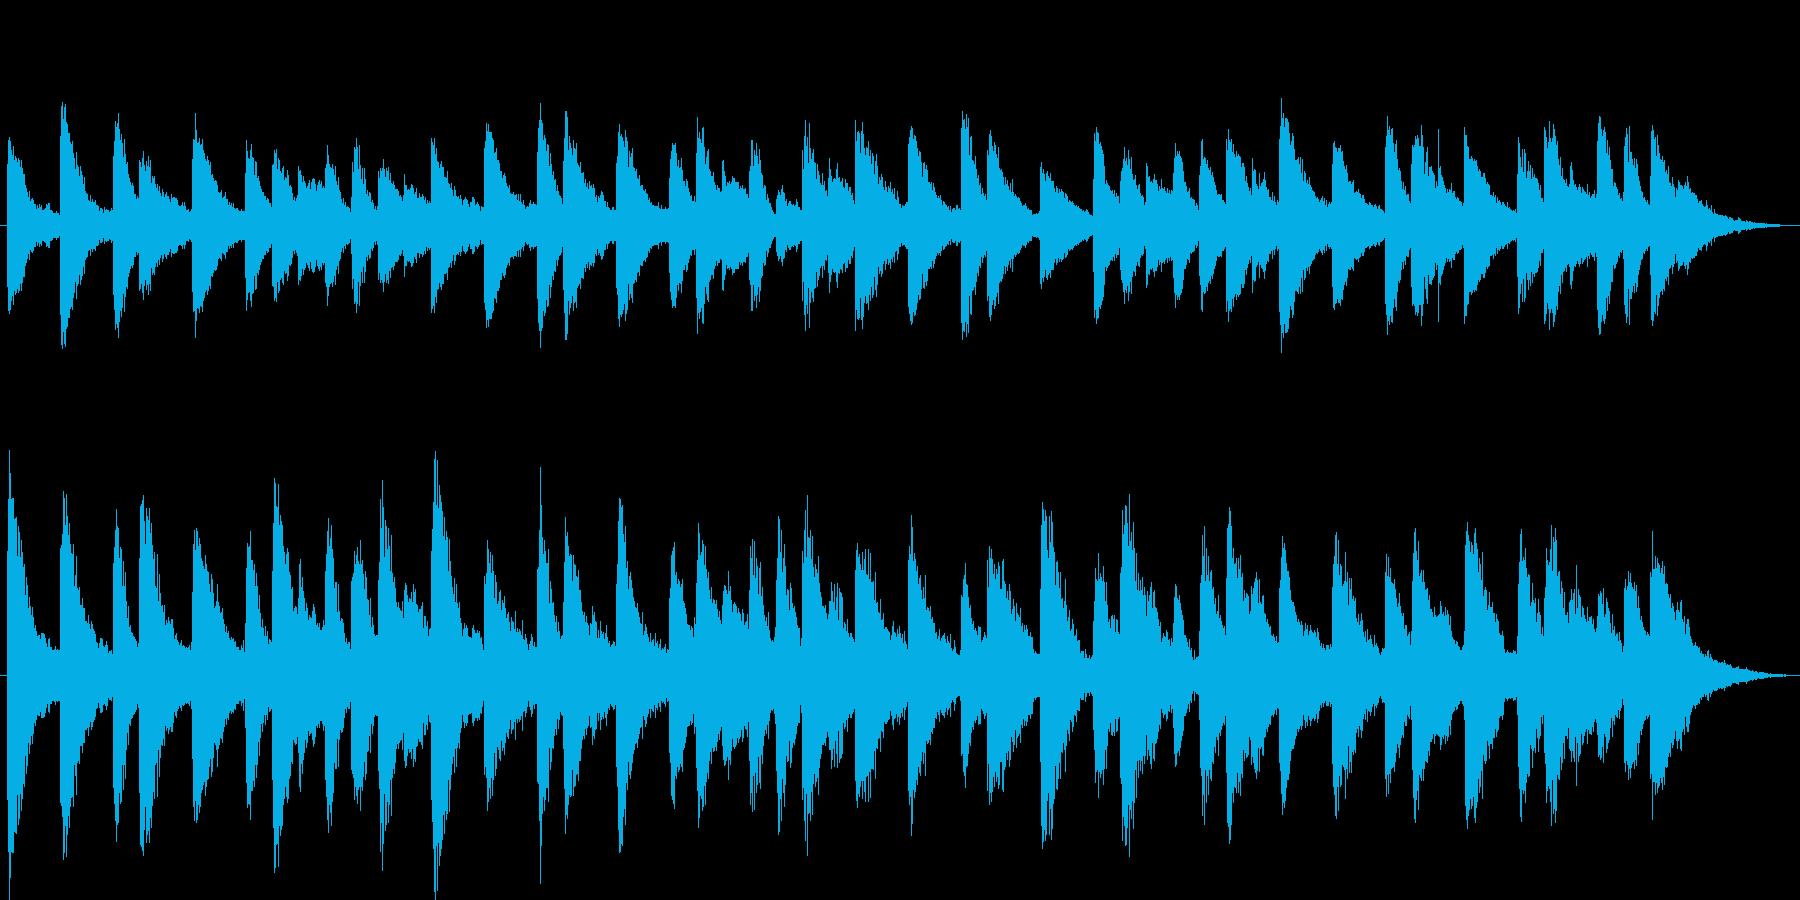 クリスマス、ベルの音色の再生済みの波形